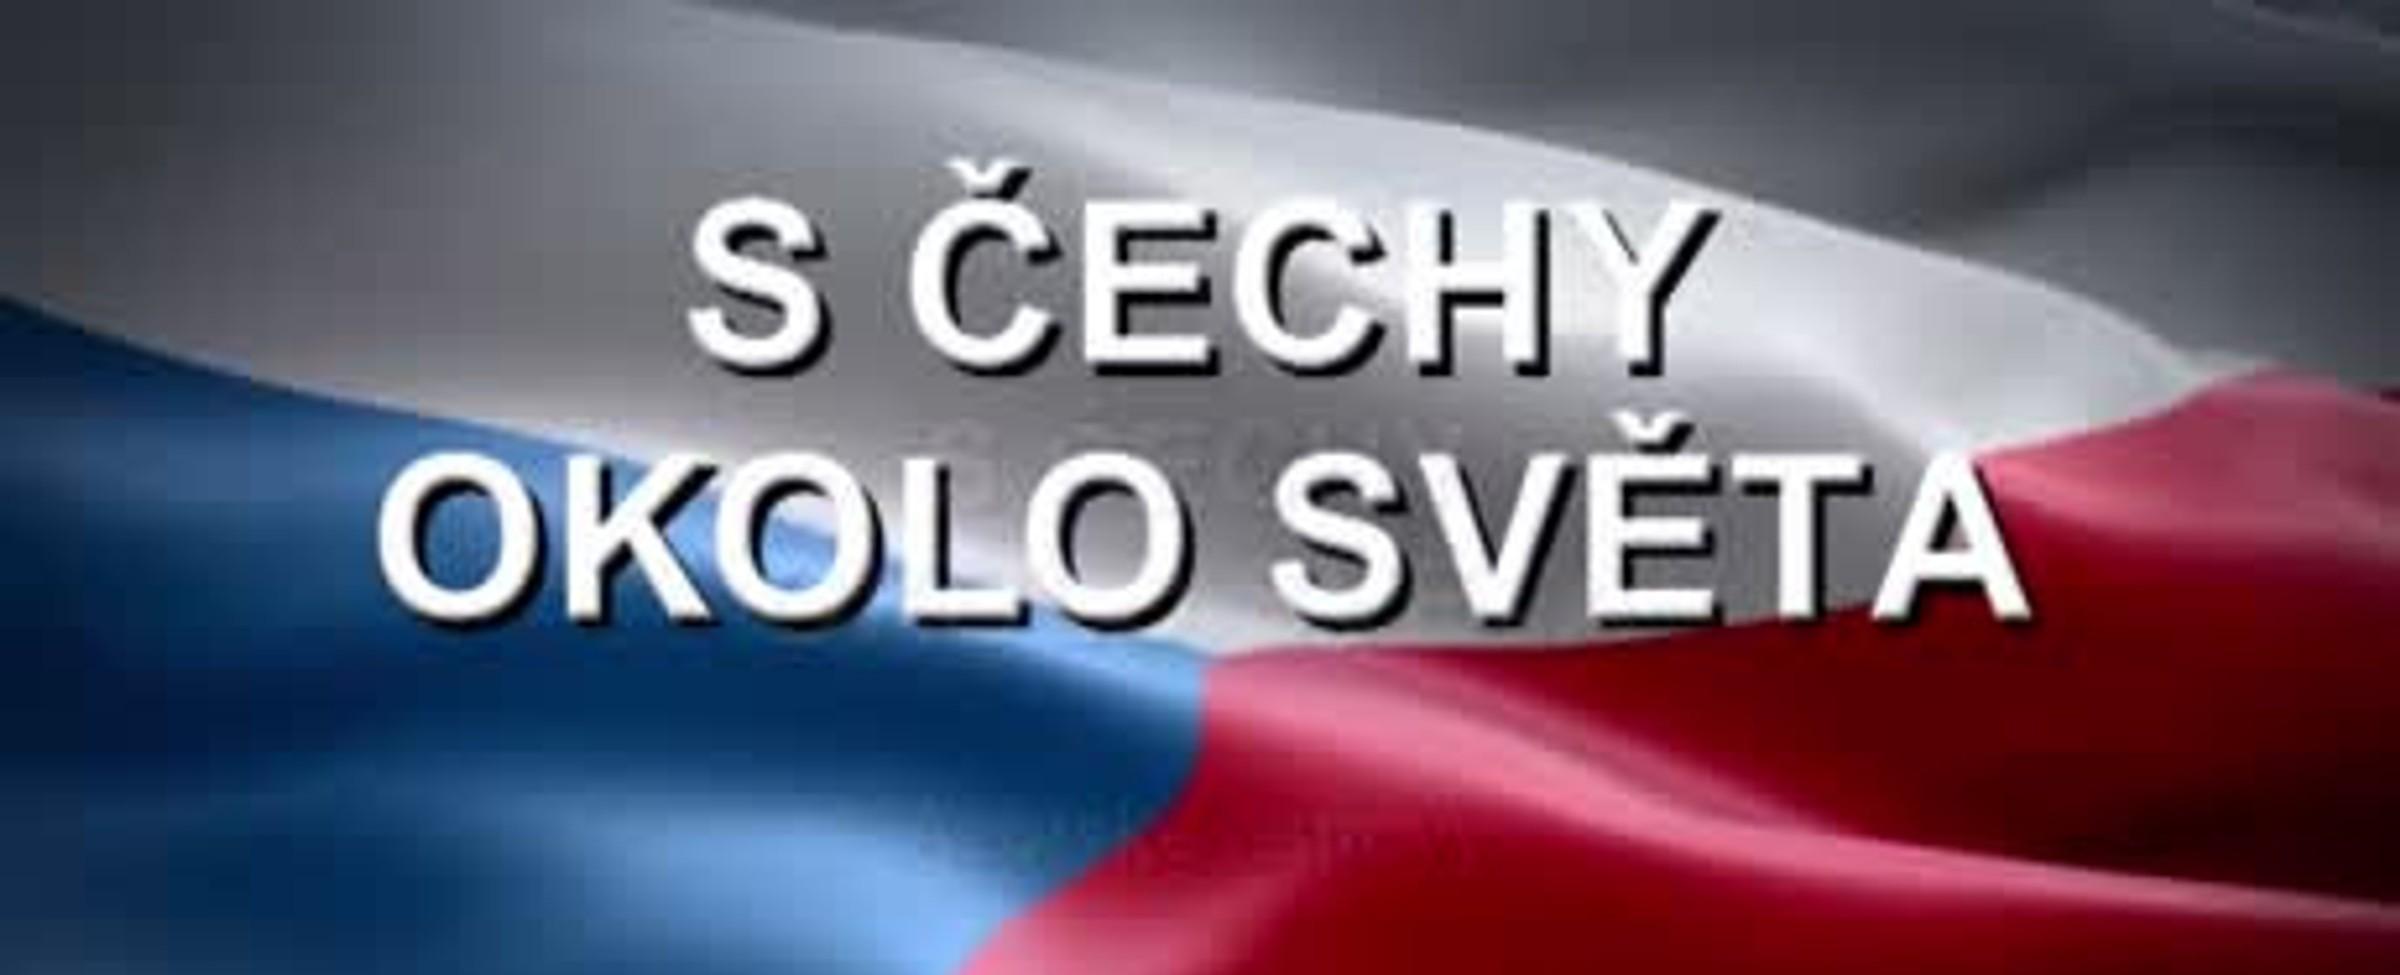 S Čechy okolo světa V.